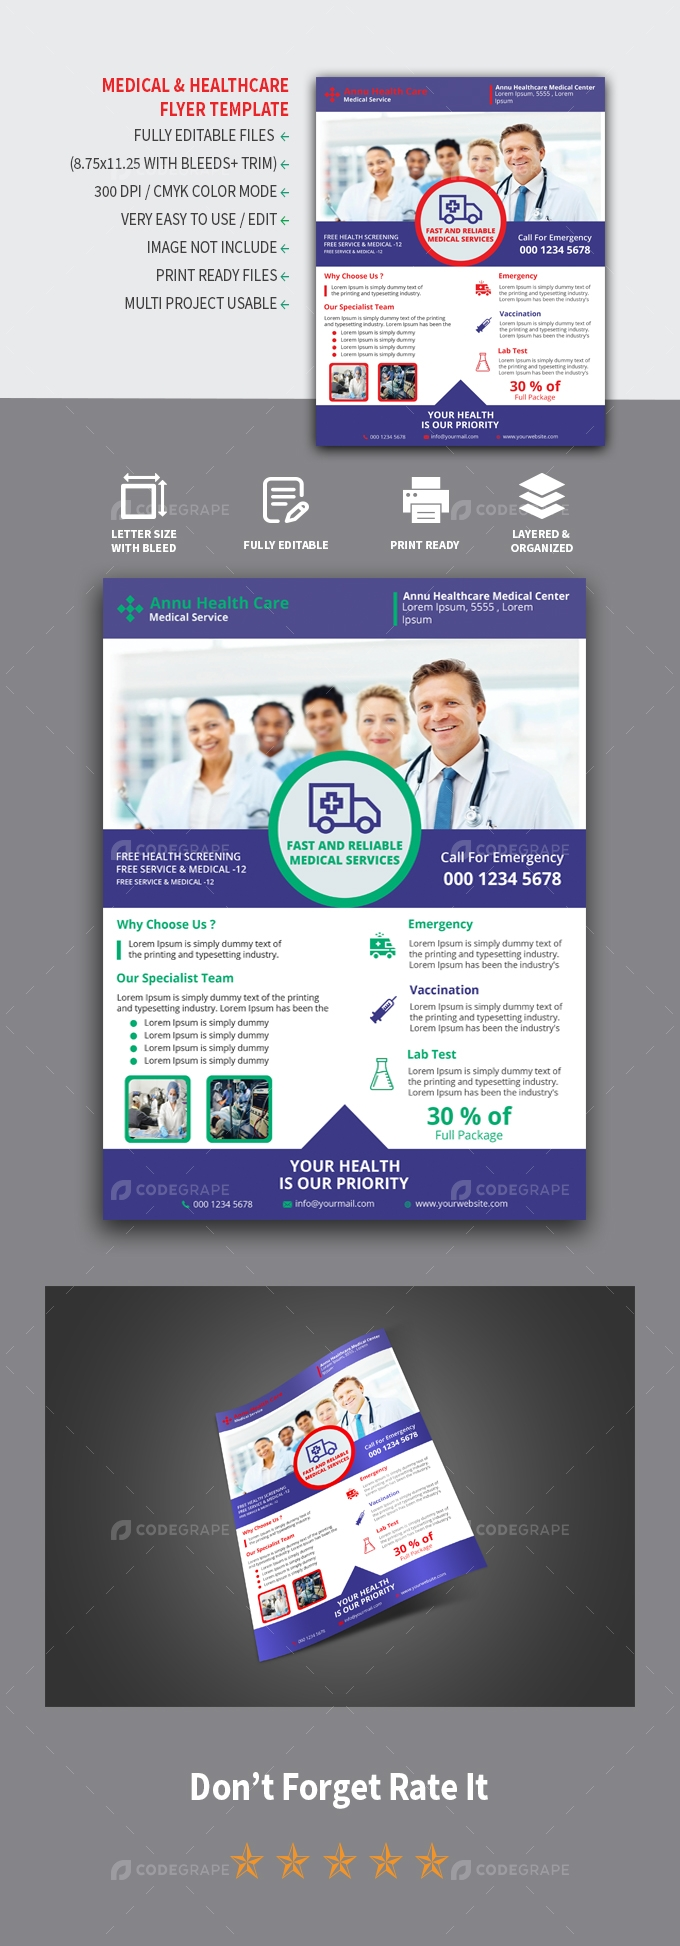 Medical Healthcare Flyer Design